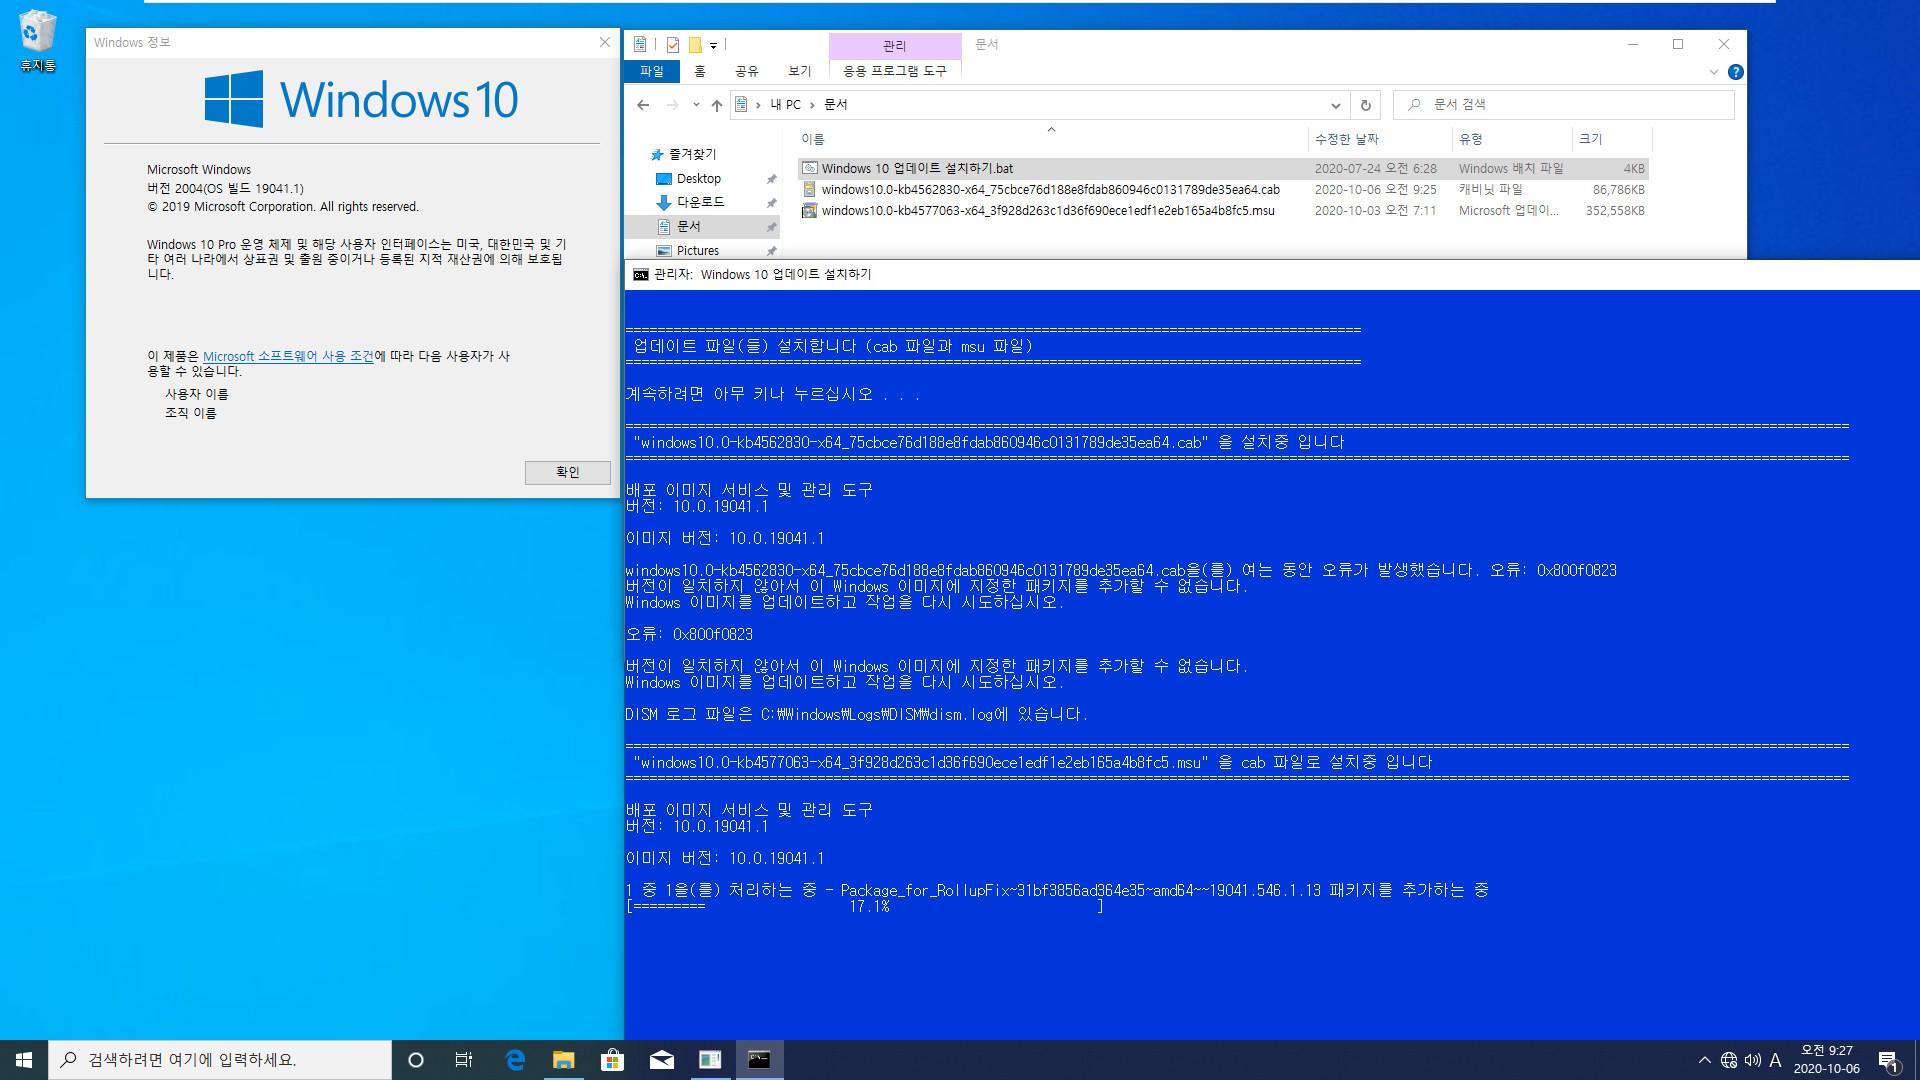 버전 2004 (20H1)에서 버전 2009 (20H2) 업그레이드하기 - 누적 업데이트와 서비스 스택이 설치되어 있지 않은 경우 2020-10-06_092751.jpg